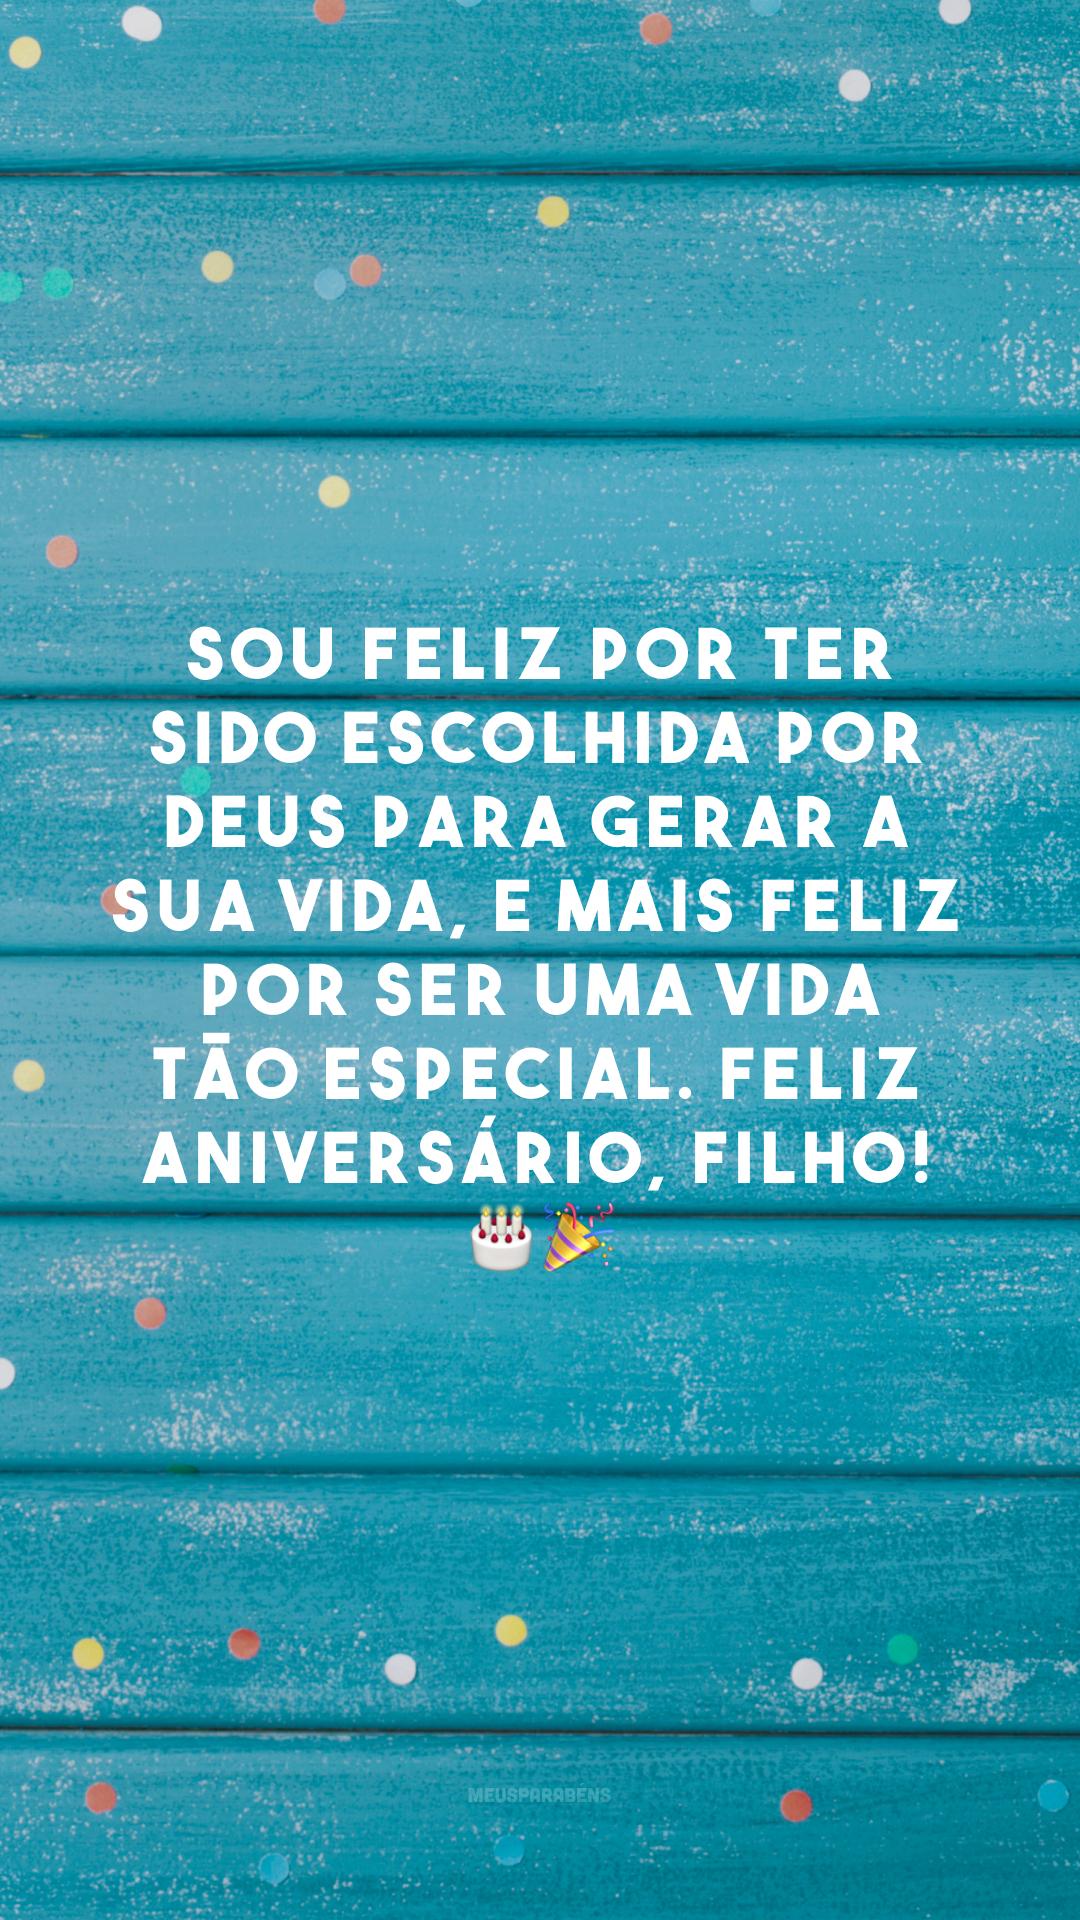 Sou feliz por ter sido escolhida por Deus para gerar a sua vida, e mais feliz por ser uma vida tão especial. Feliz aniversário, filho! 🎂🎉